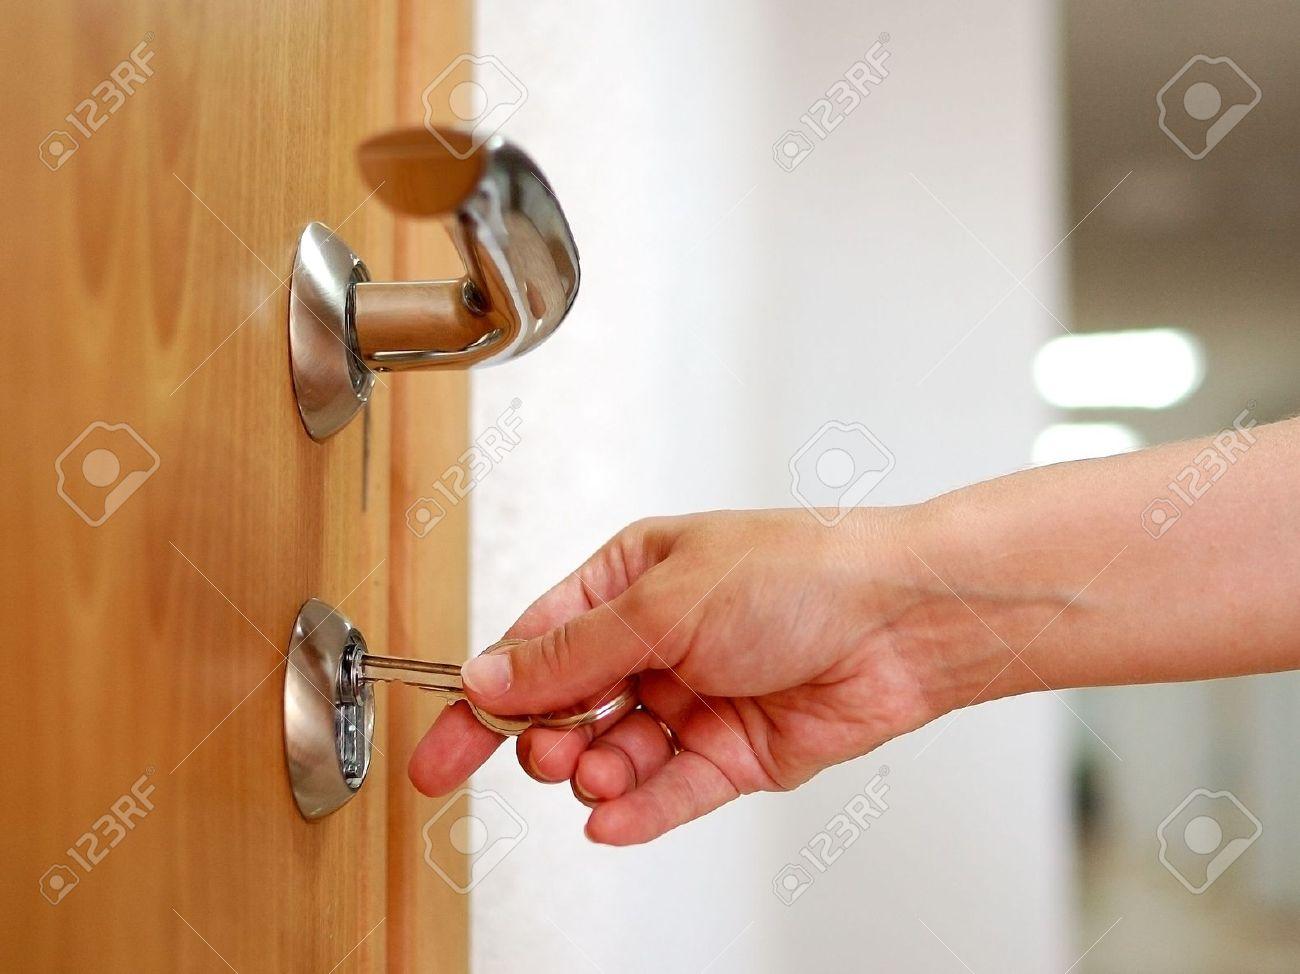 Срочно открыть дверь